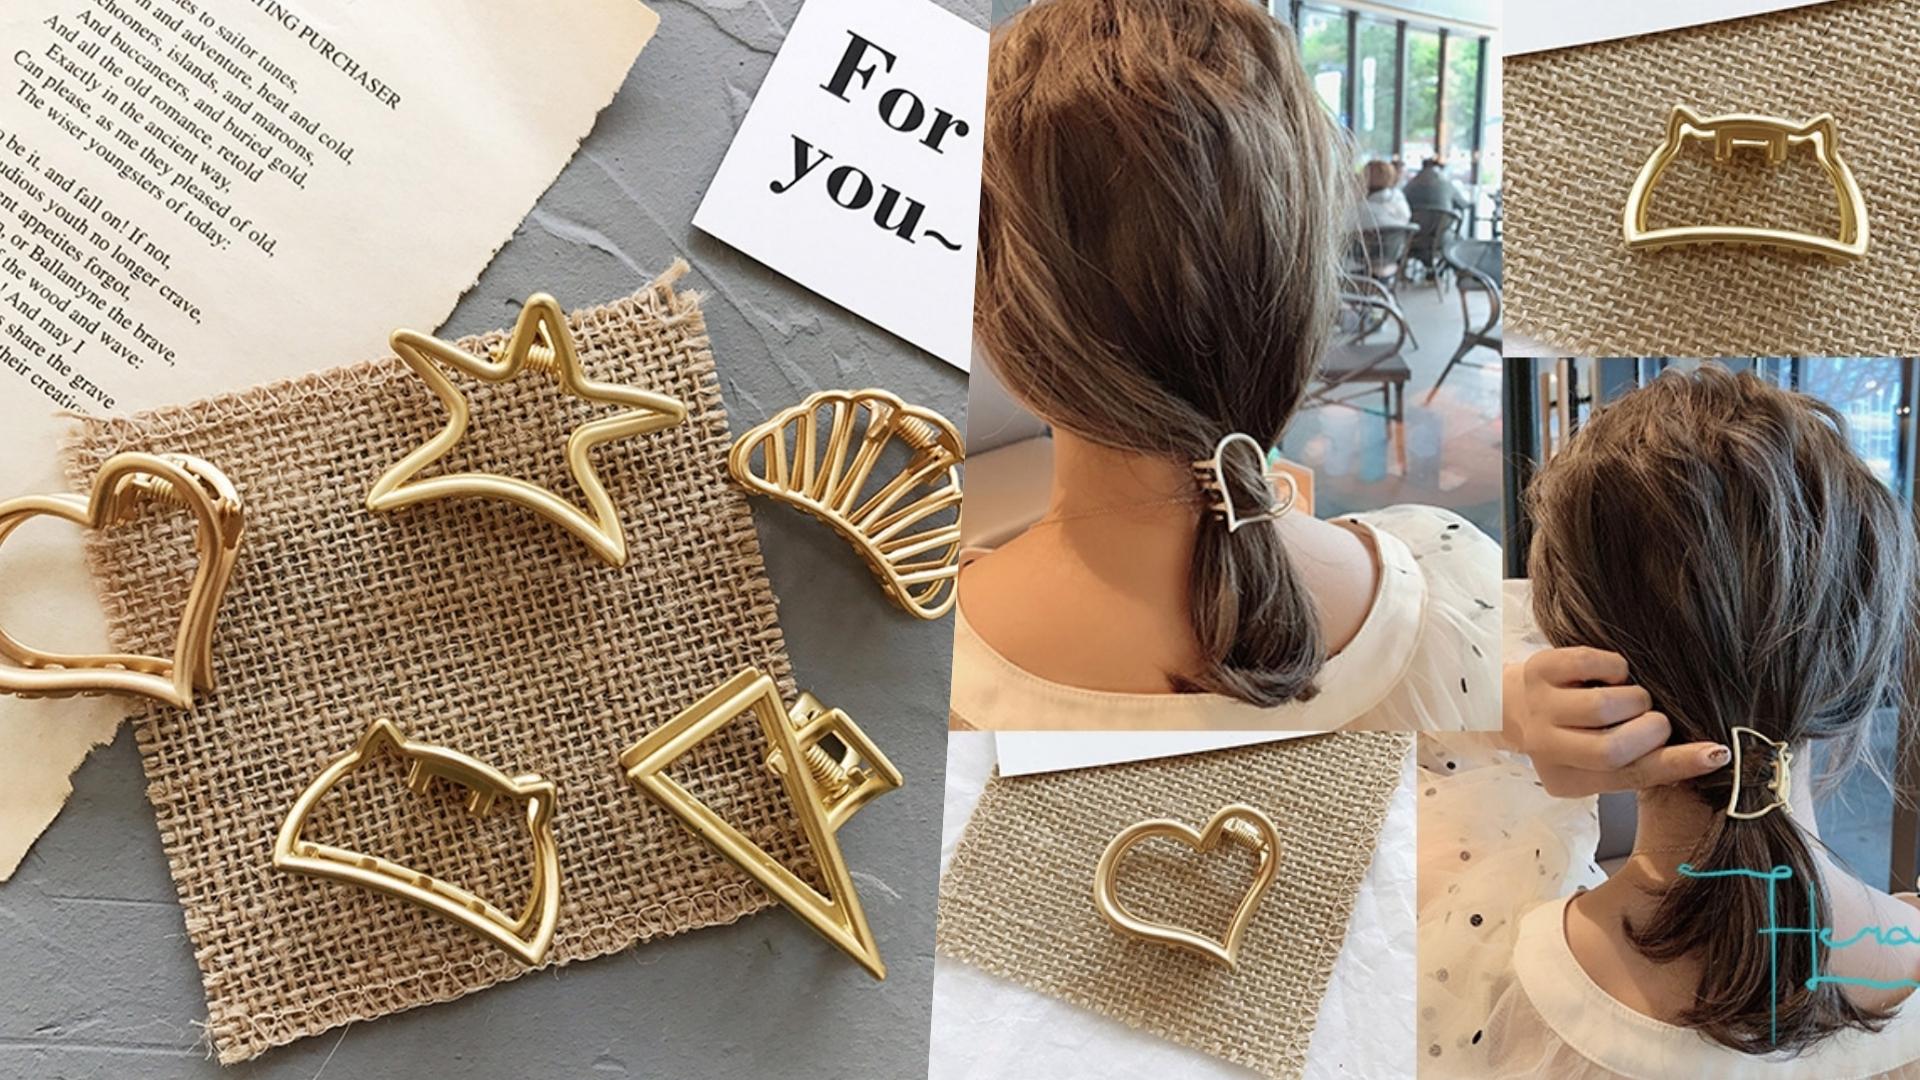 Hera 赫拉 磨砂設計時髦多元啞光抓夾/髮夾-5款,霧面的磨砂金色,讓整個飾品質感升級,看起來好有氣質!